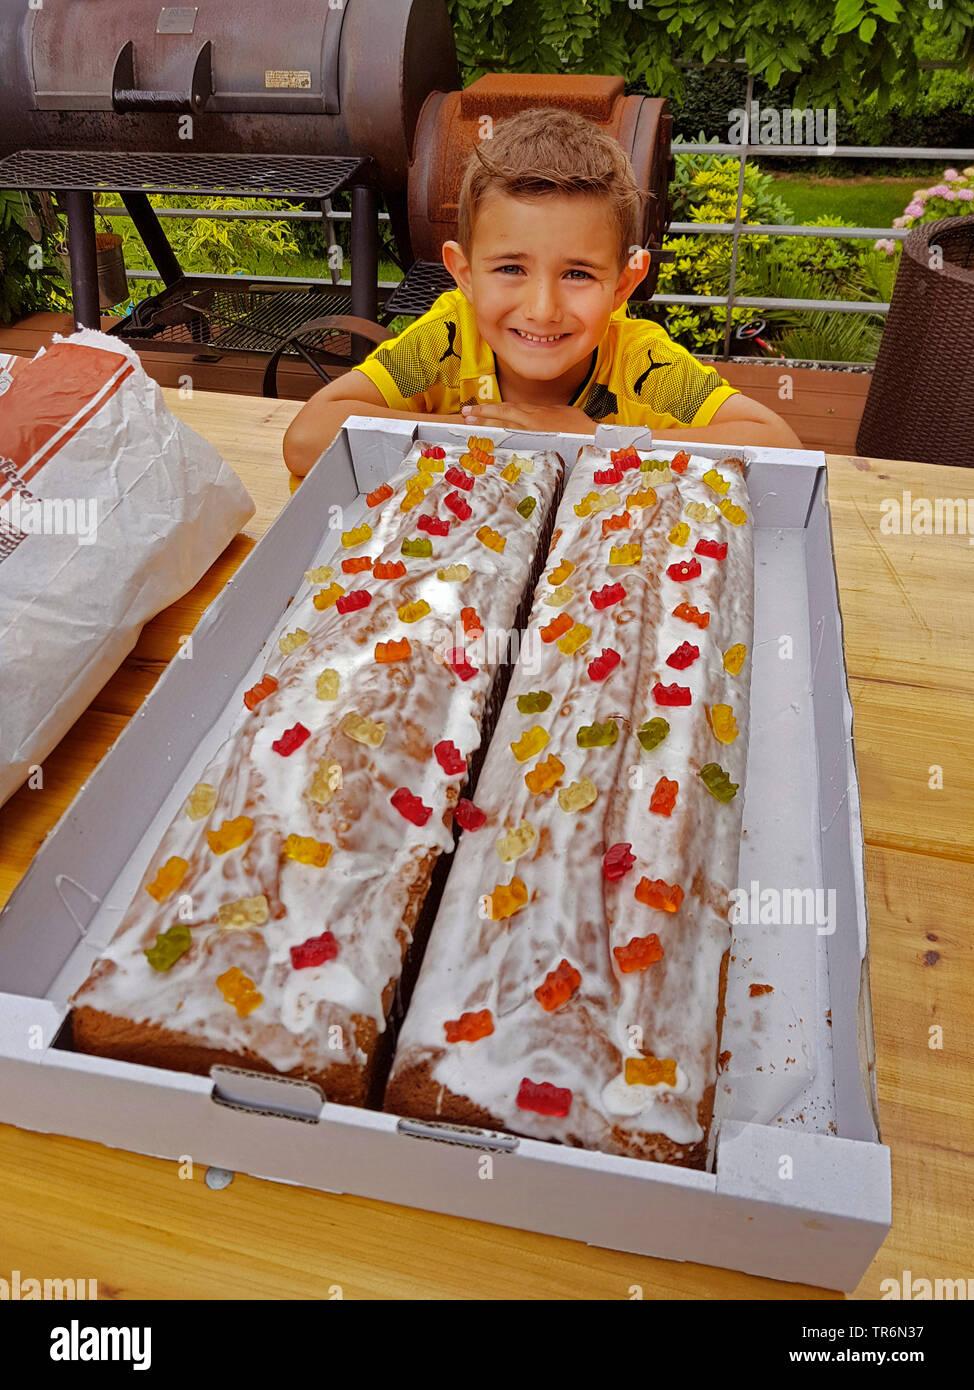 kleiner Junge in BVB-Dortmund-Fantrikot vor seinem Geburtstagskuchen | littler boy in BVB tricot with his birthday cake | BLWS487498.jpg [ (c) blickwi - Stock Image